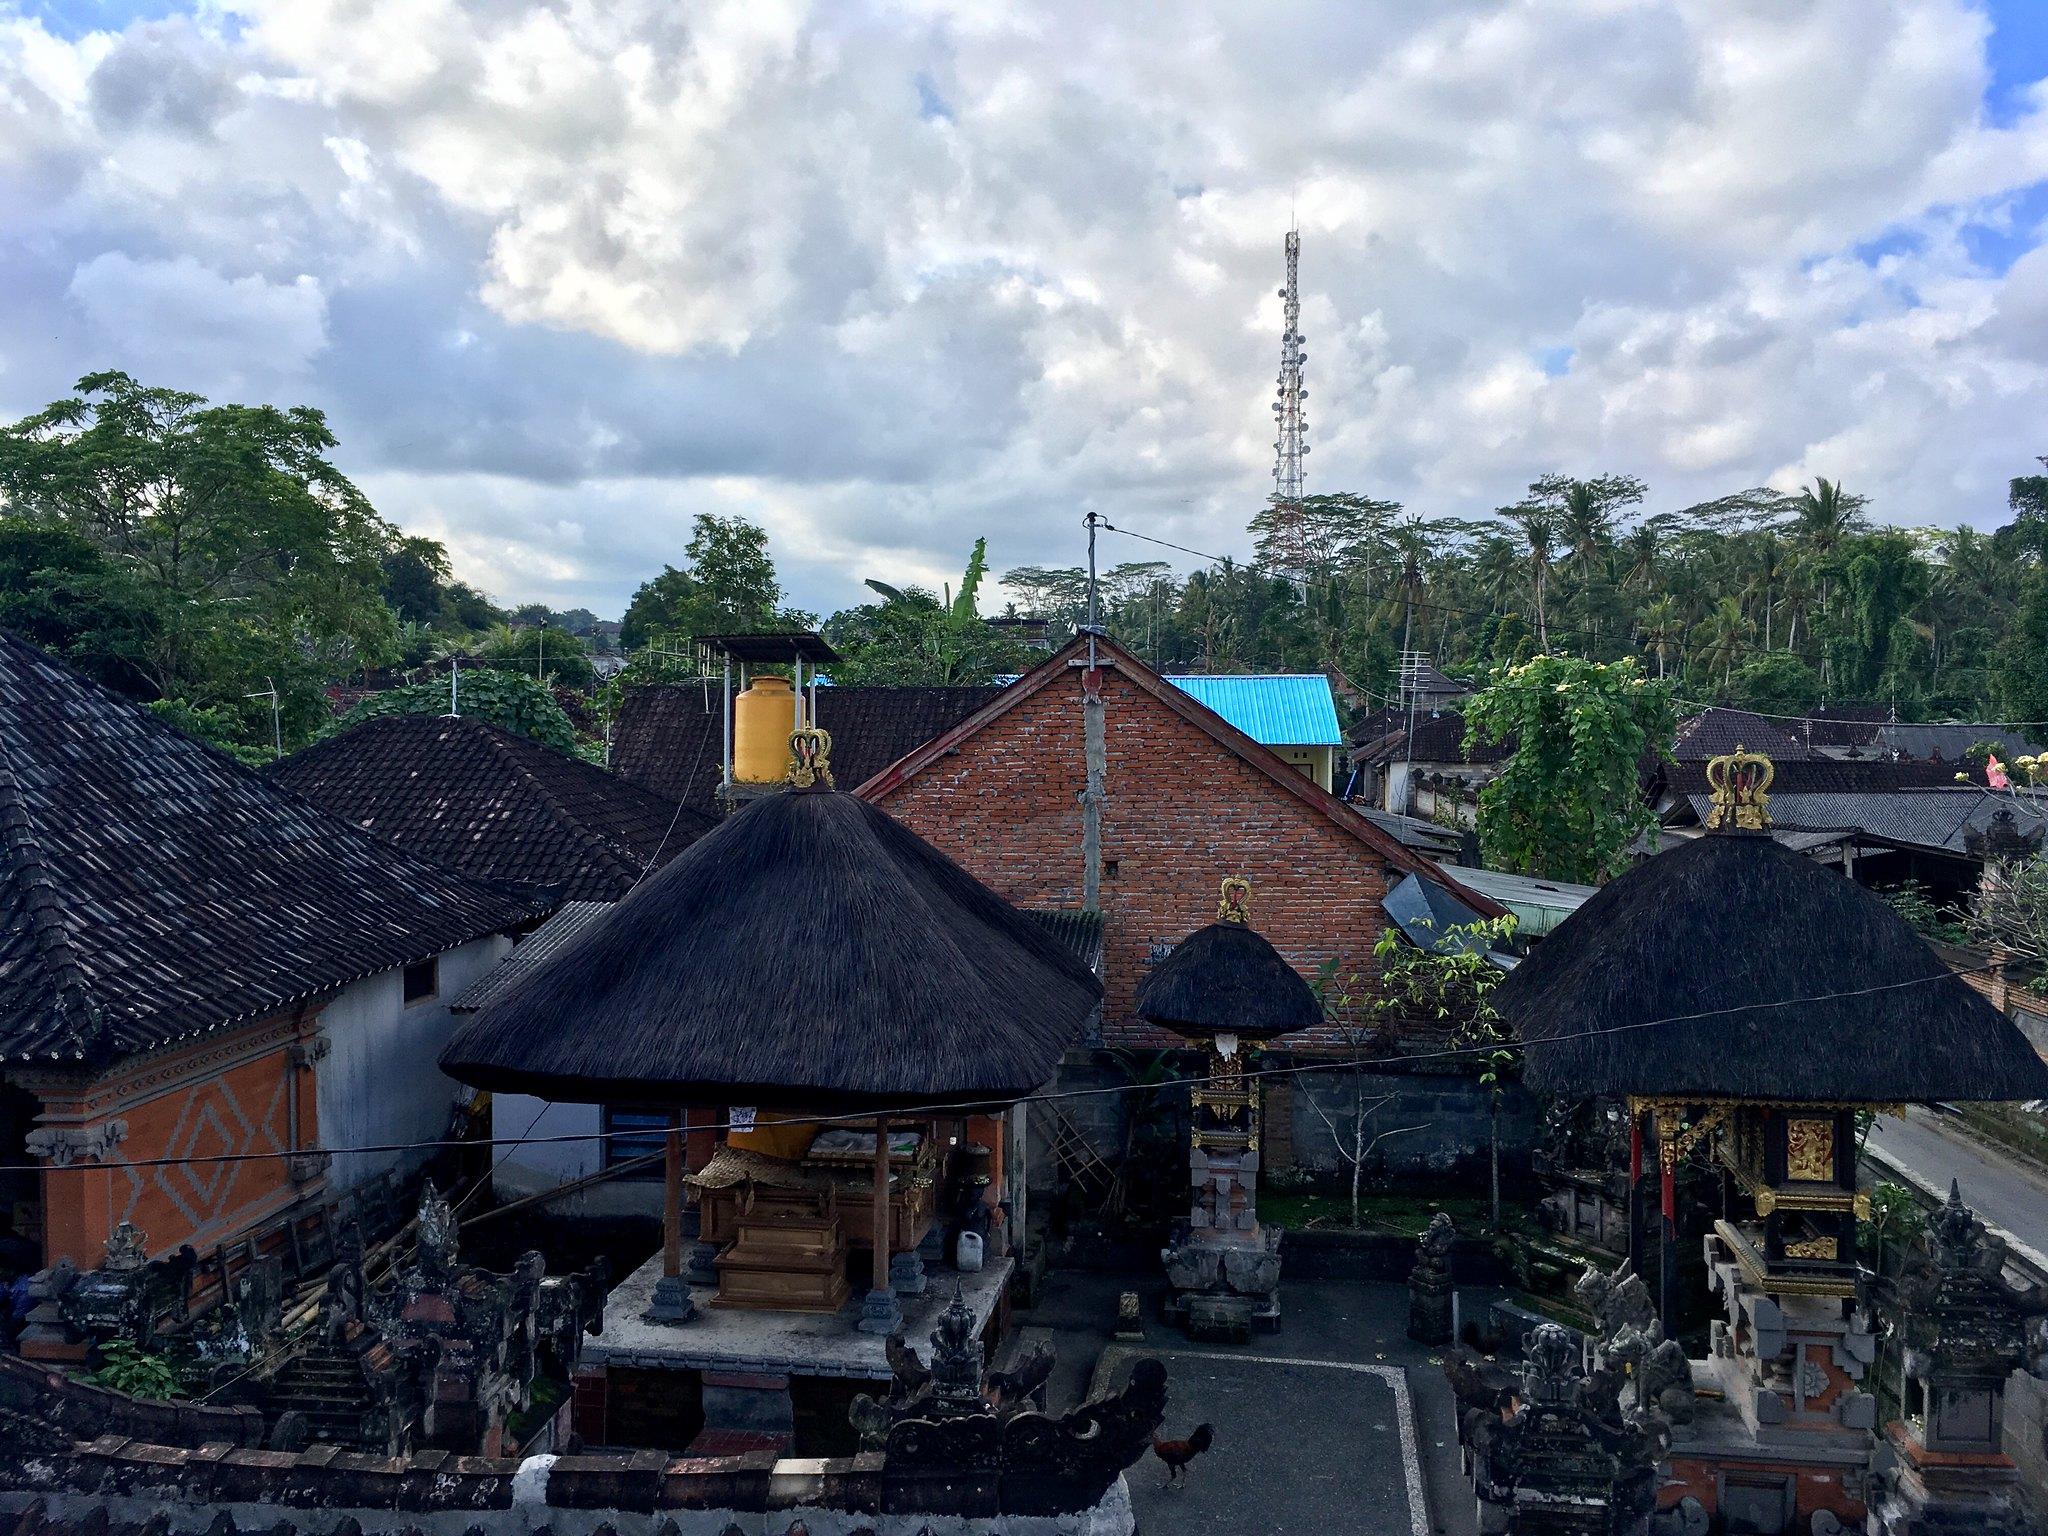 Gianyar temples